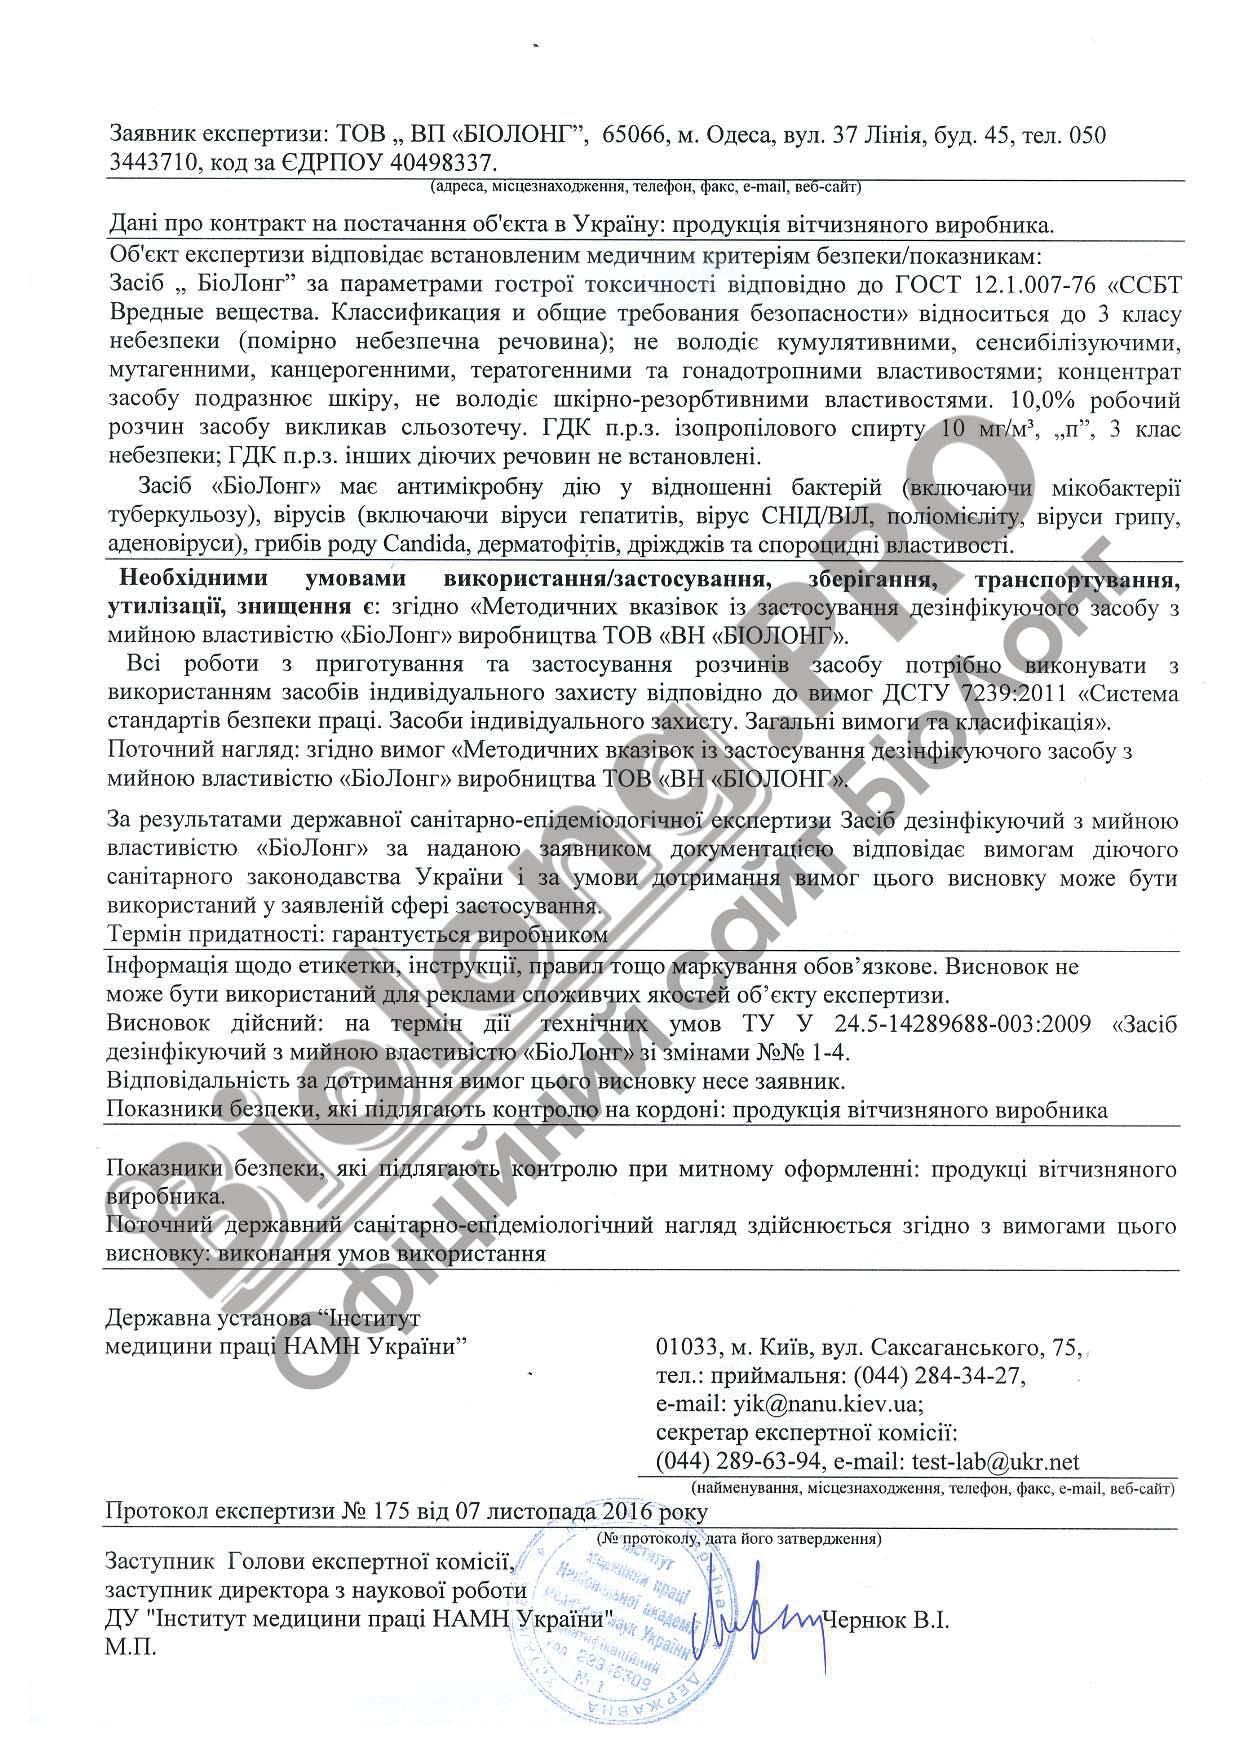 Сертификат СЕС Биолонг - ЗДМВ -1